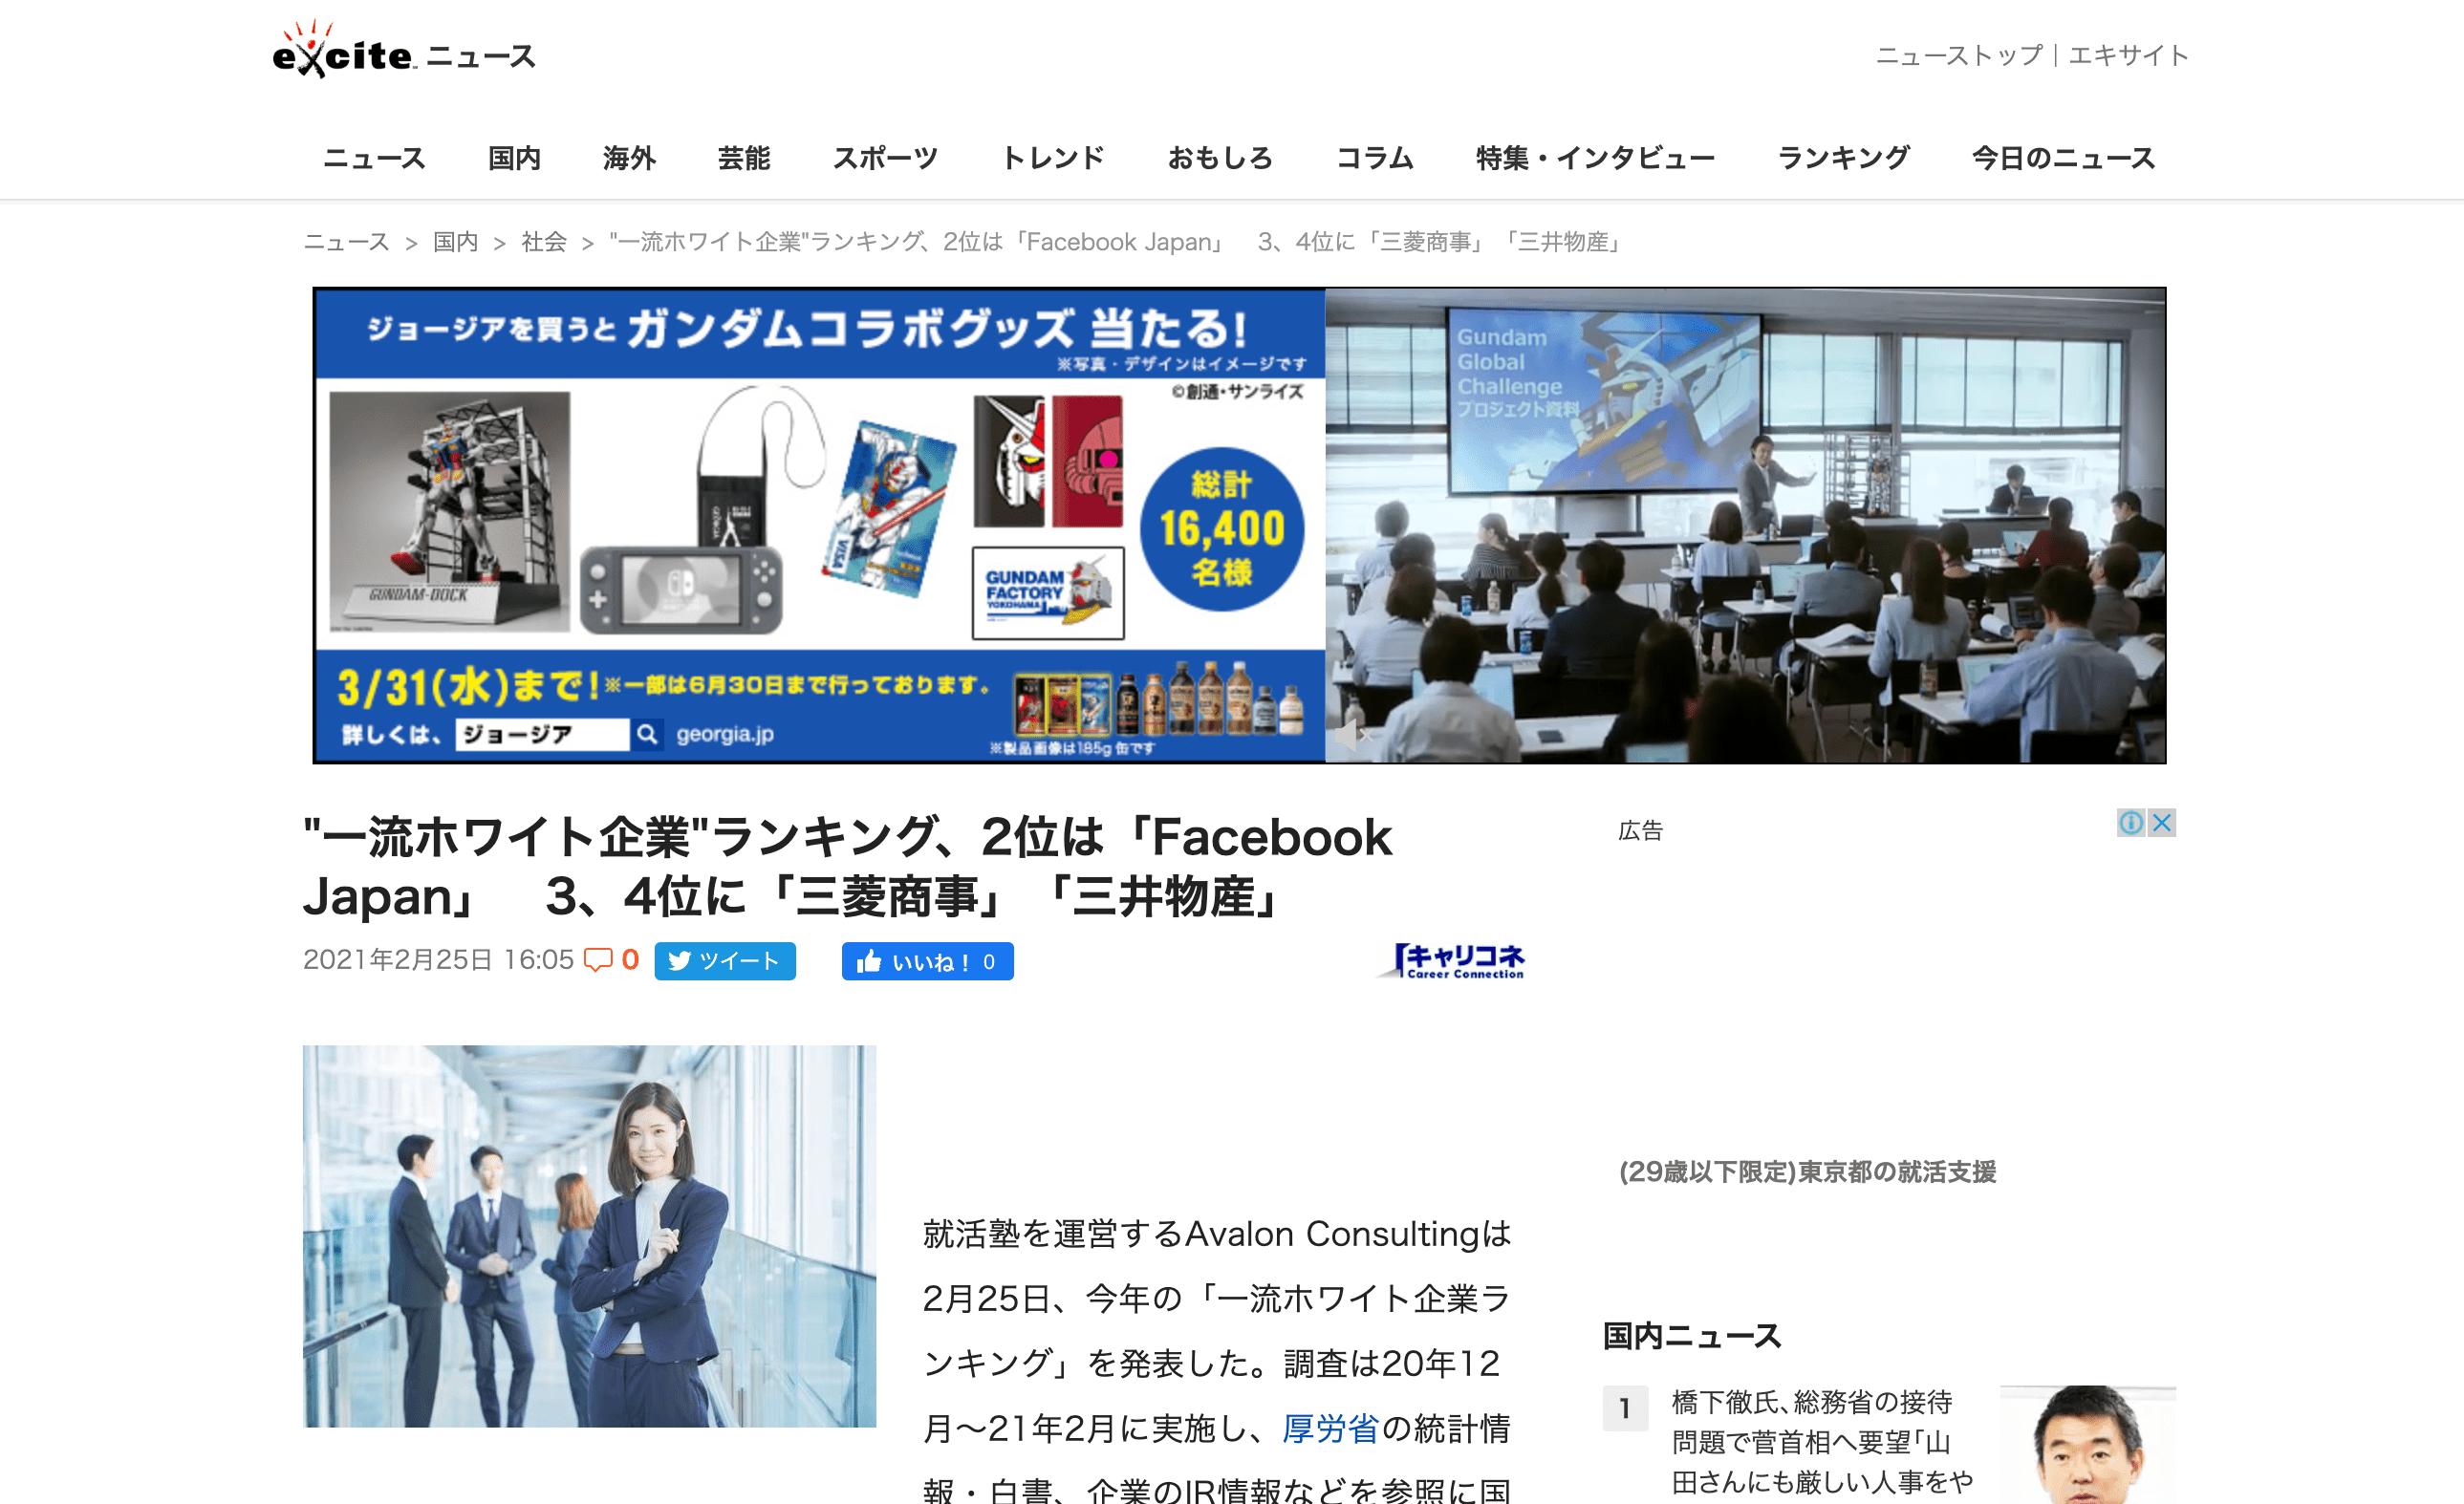 エキサイトニュースでの紹介記事